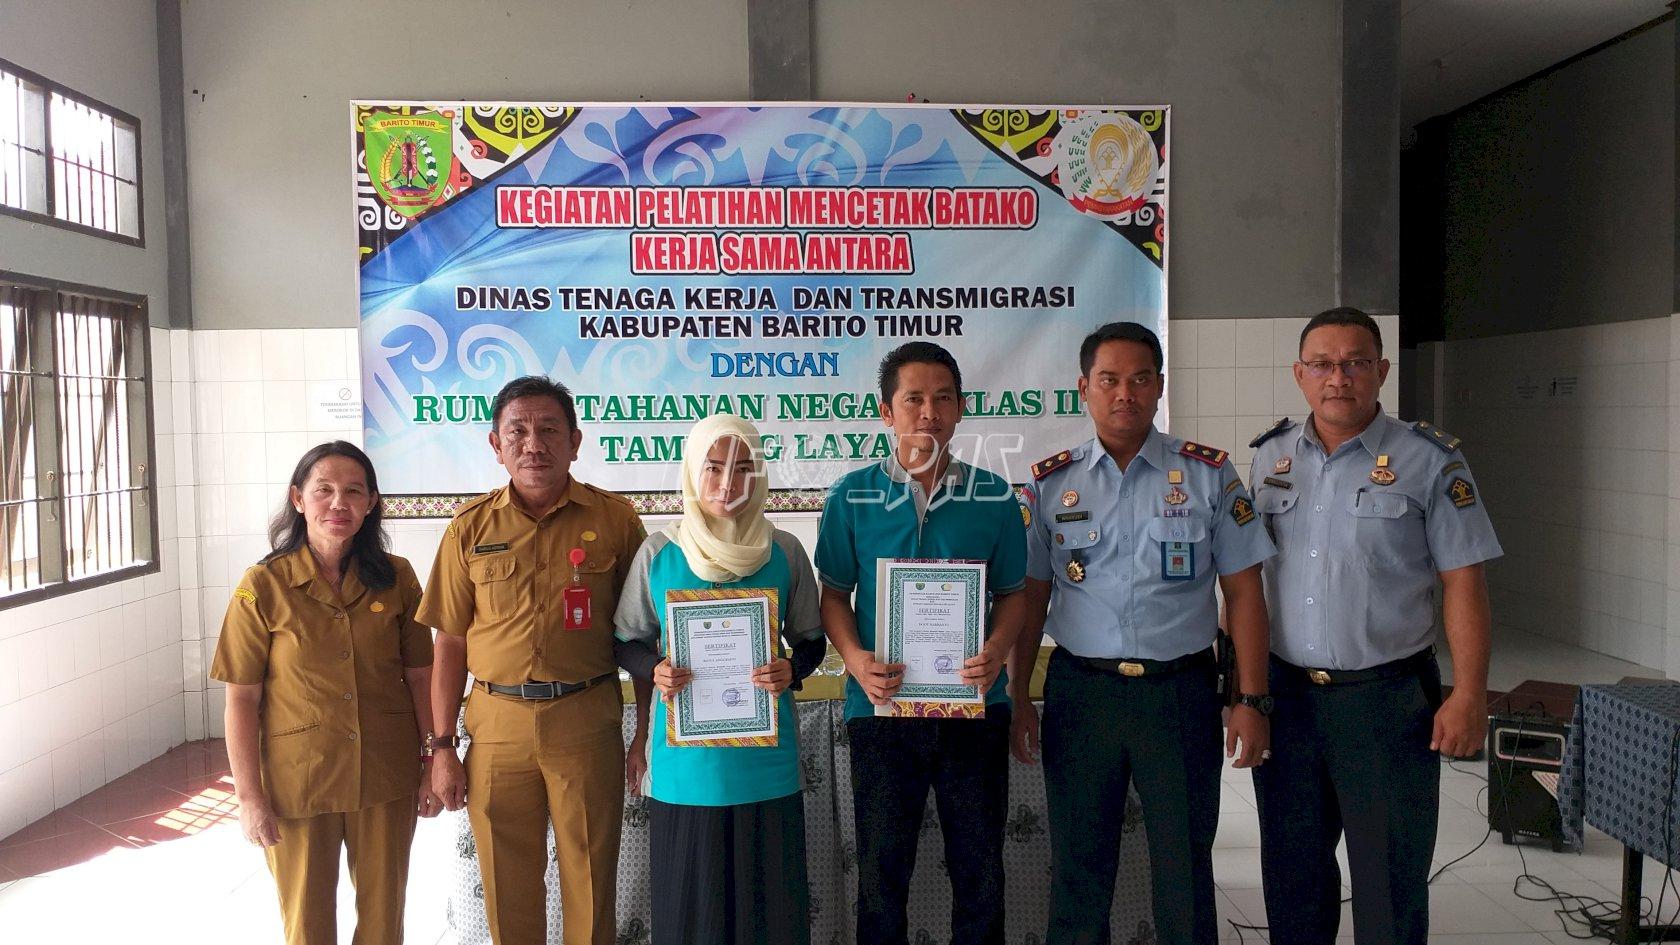 WBP Rutan Tamiang Layang Lulus Pelatihan Membatik & Mencetak Batako